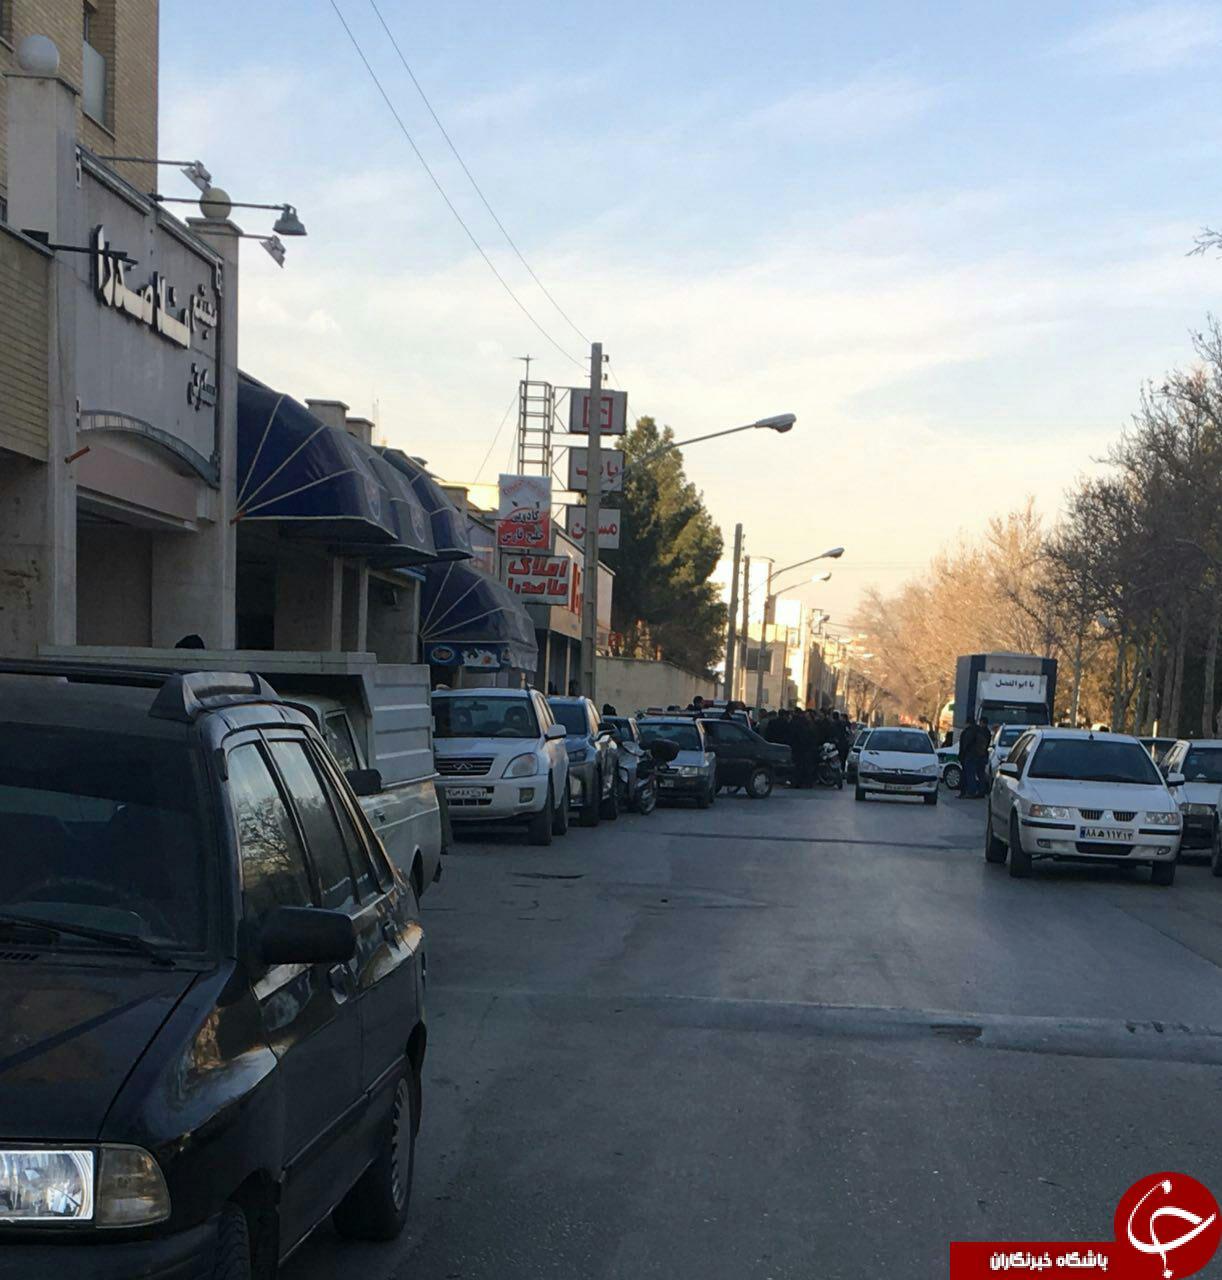 سرقت مسلحانه از بانک مسکن اصفهان + تصاویر